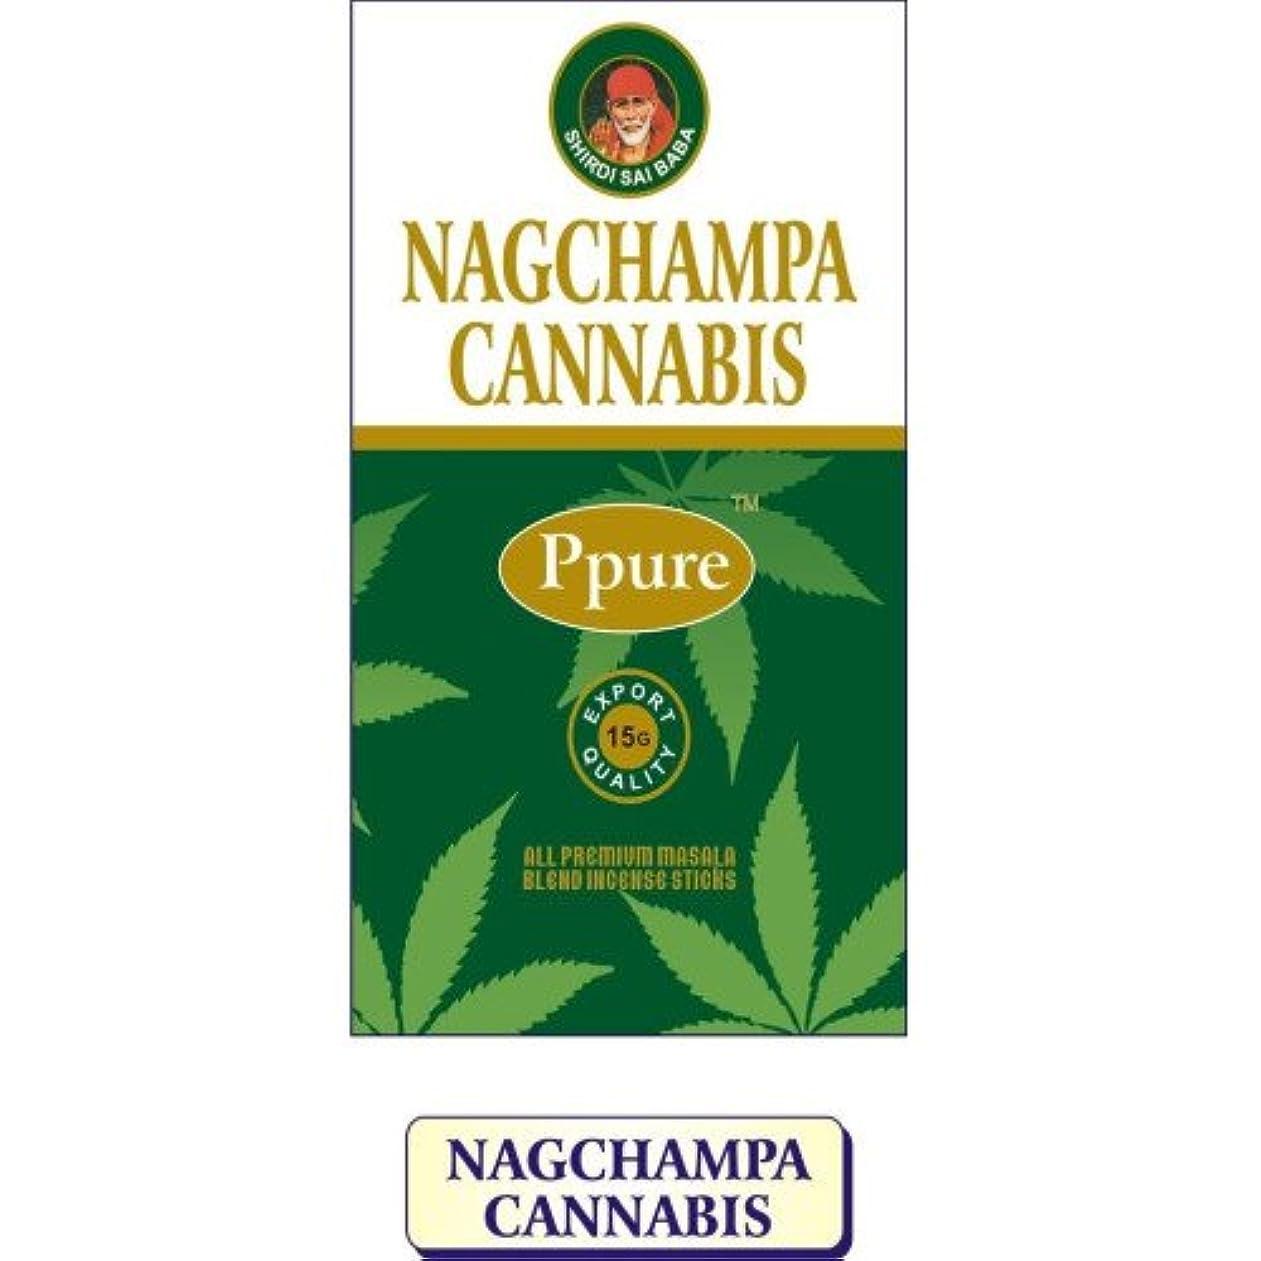 腹レガシーに沿ってPpure Nag Champa Cannabis PerfumeプレミアムMasala Incense Sticks 15グラム